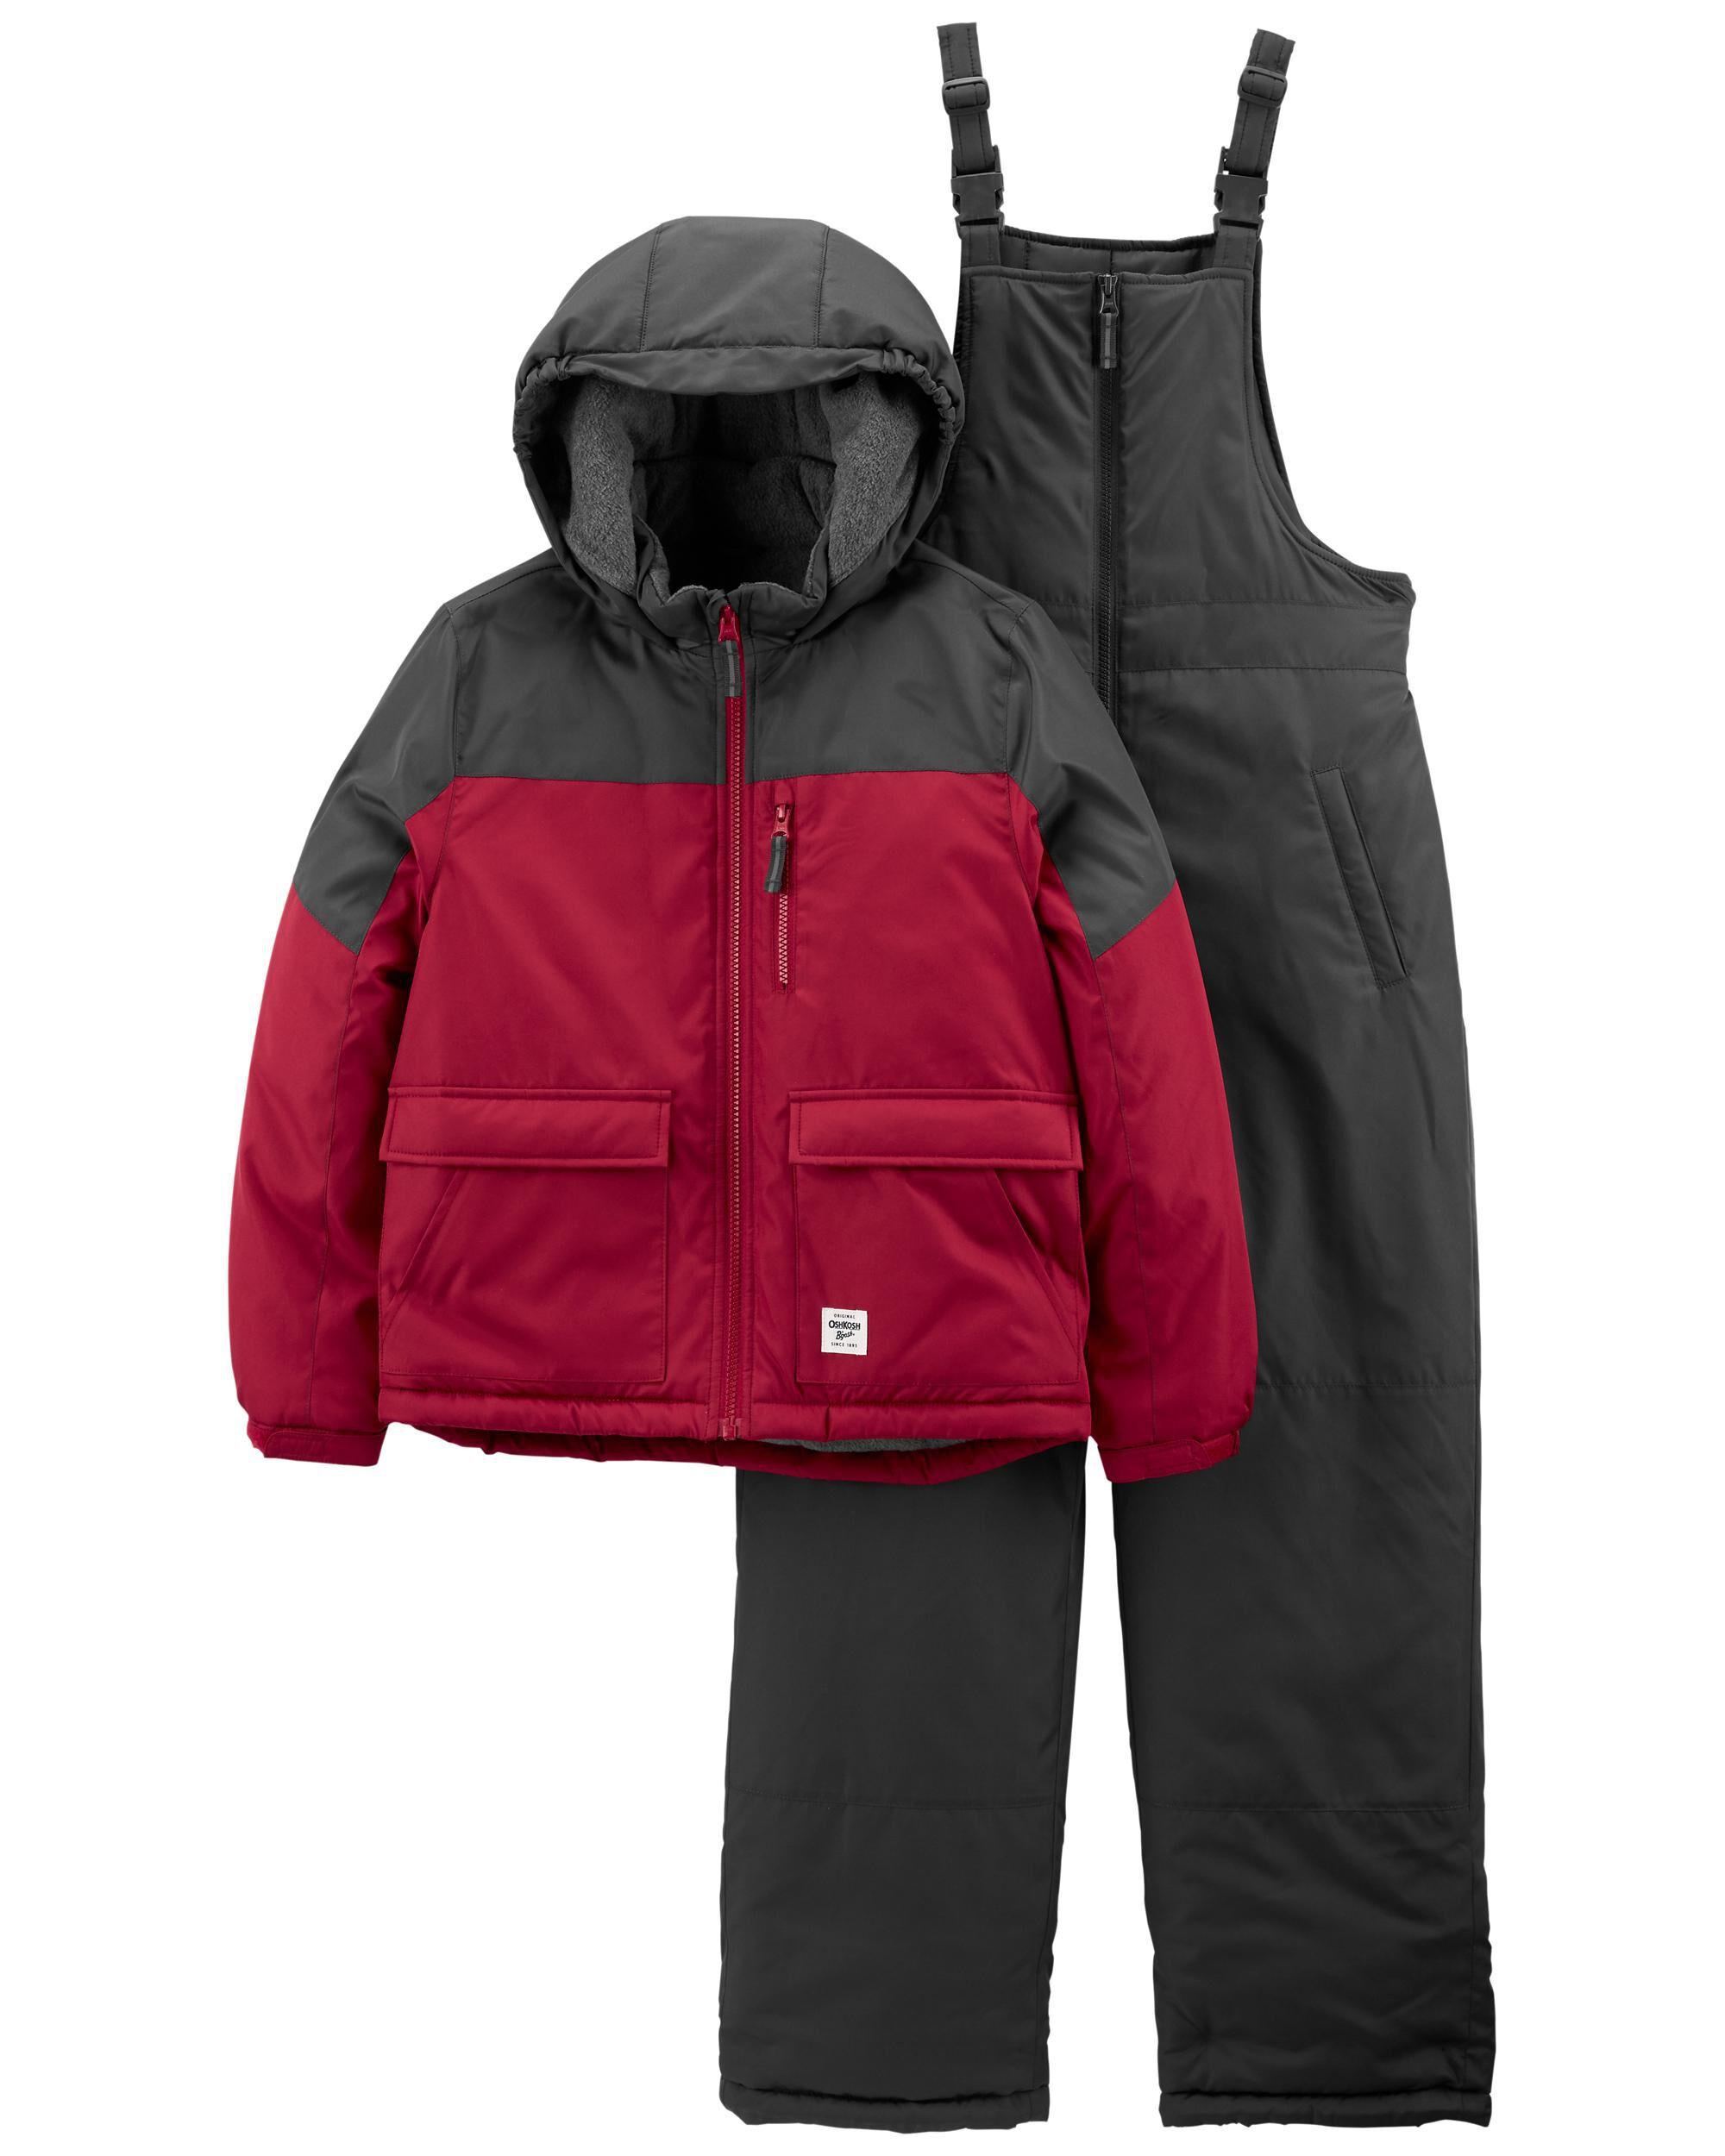 2-Piece Colorblock Parka & Snowsuit Set